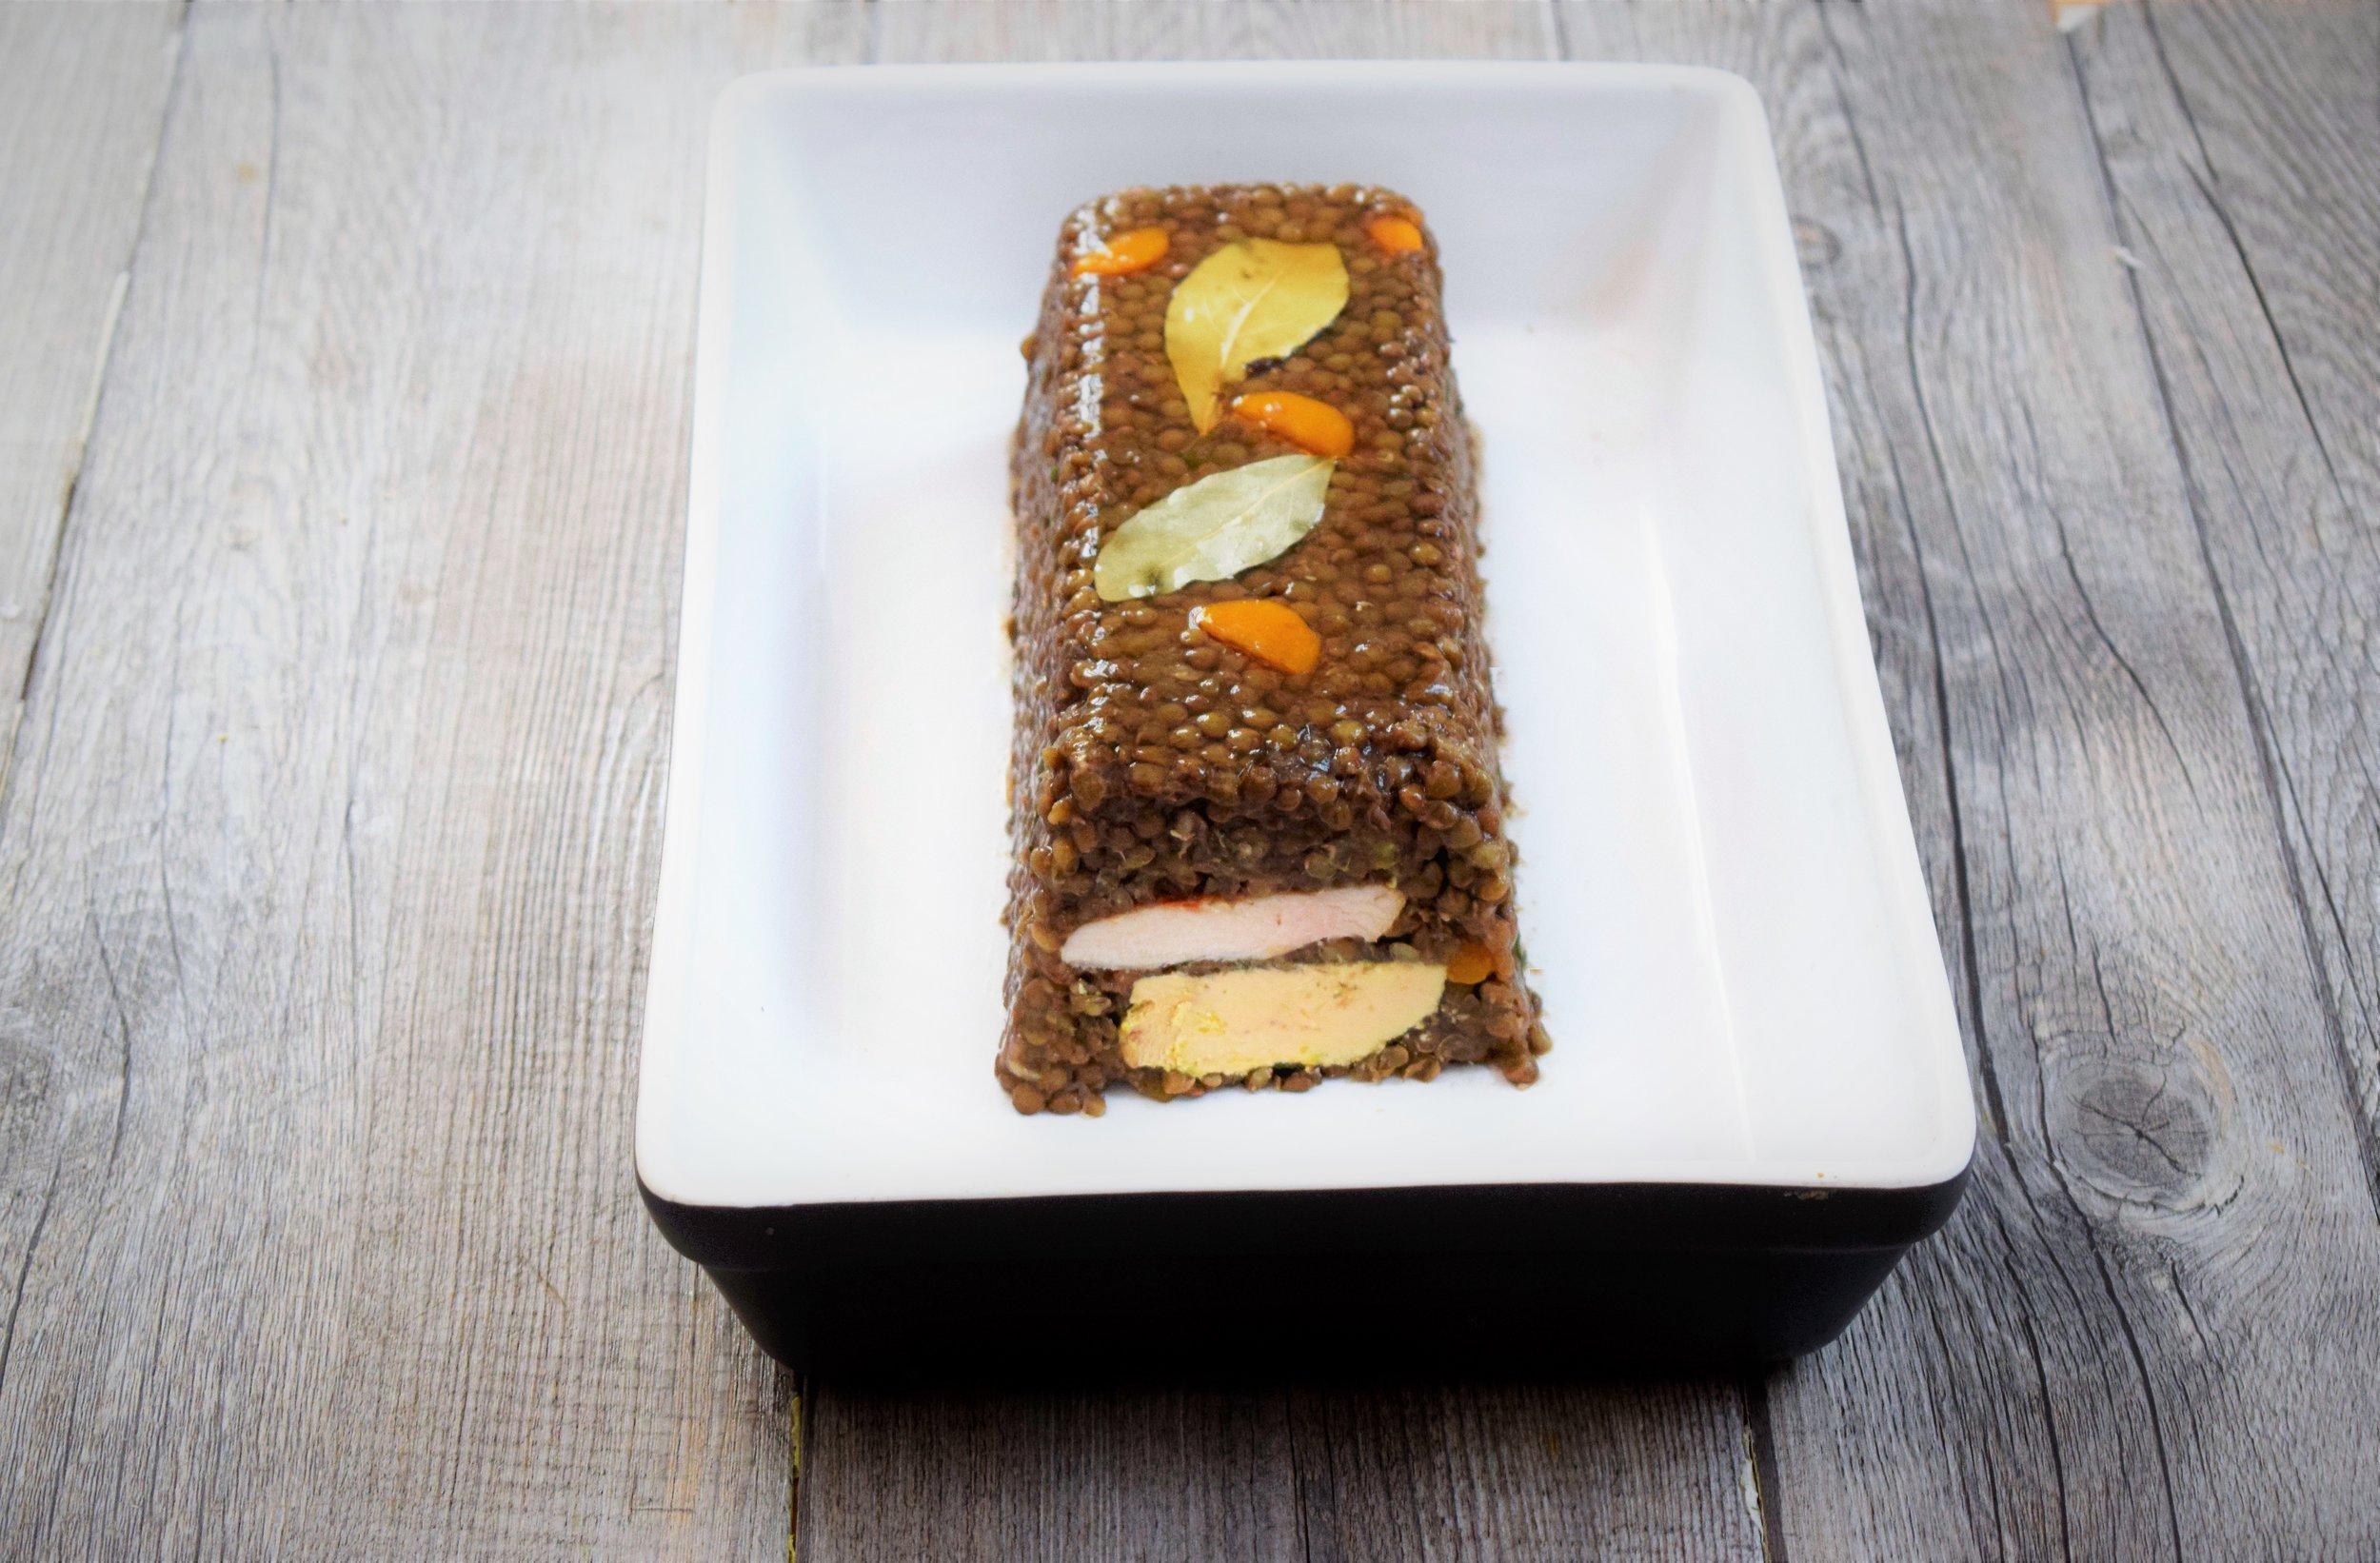 terrine foie gras cyril rouquet-prévost LCI